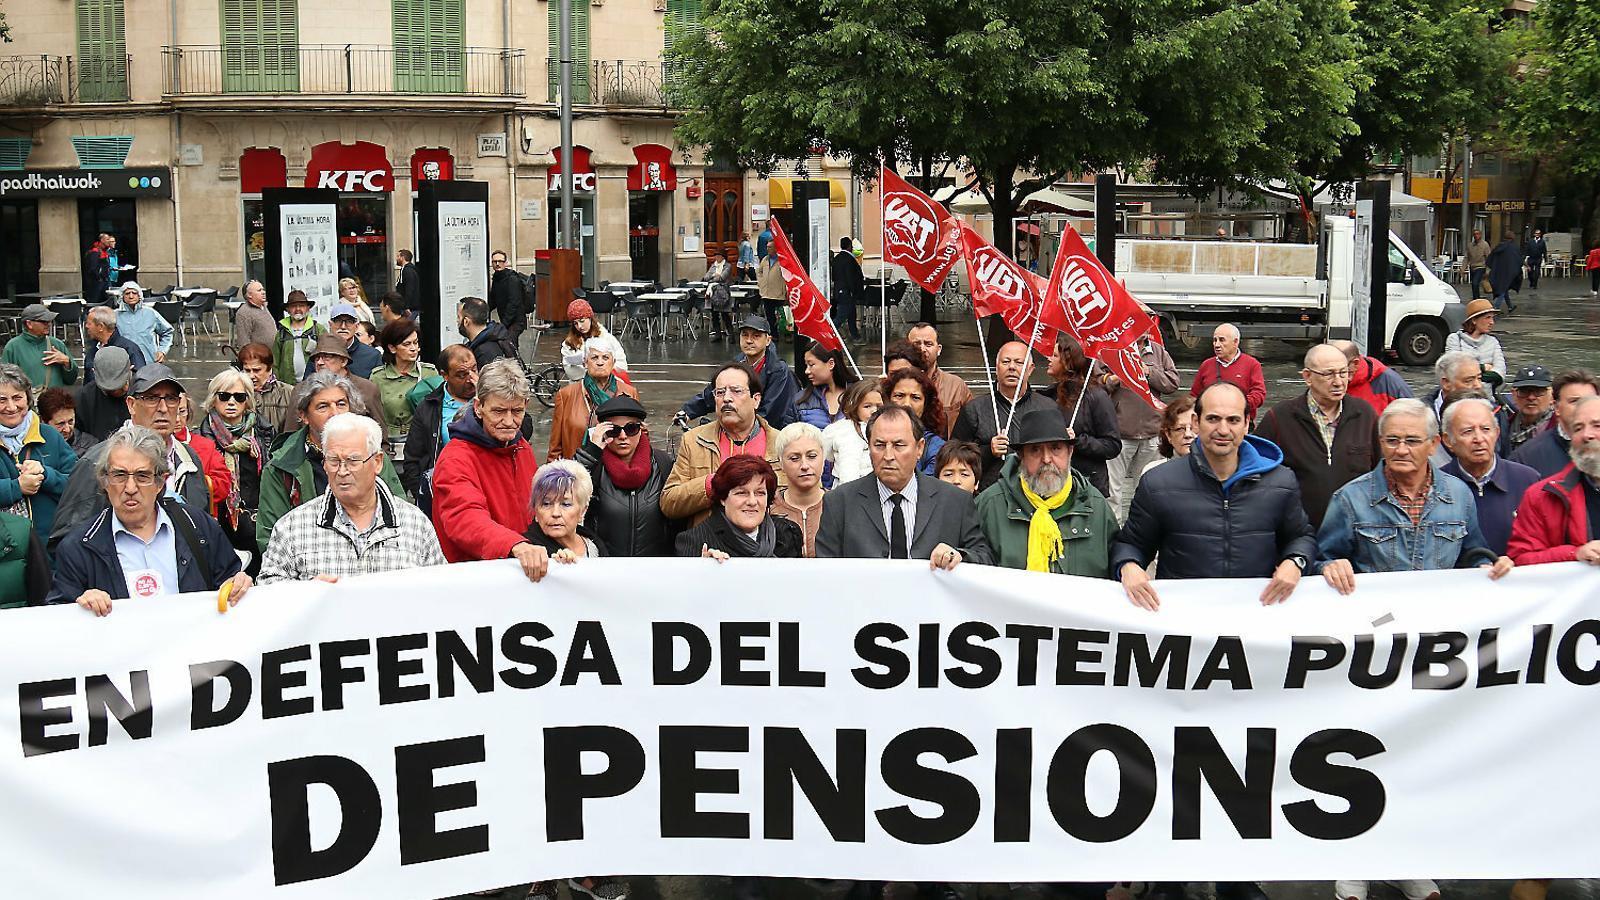 Una manifestació a Palma en defensa de les pensions públiques